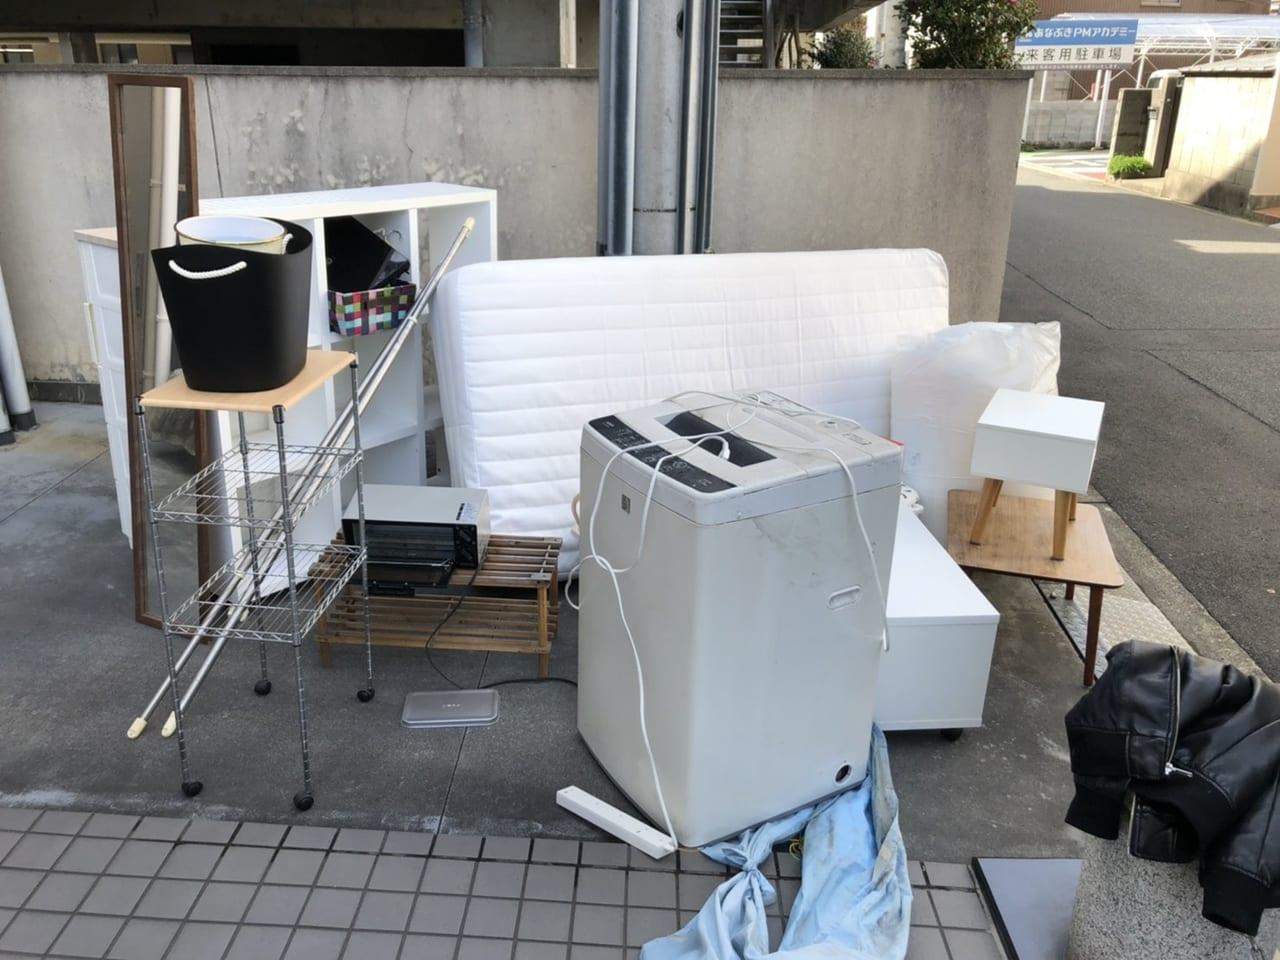 岐阜県多治見市周辺のS様不用品回収前画像